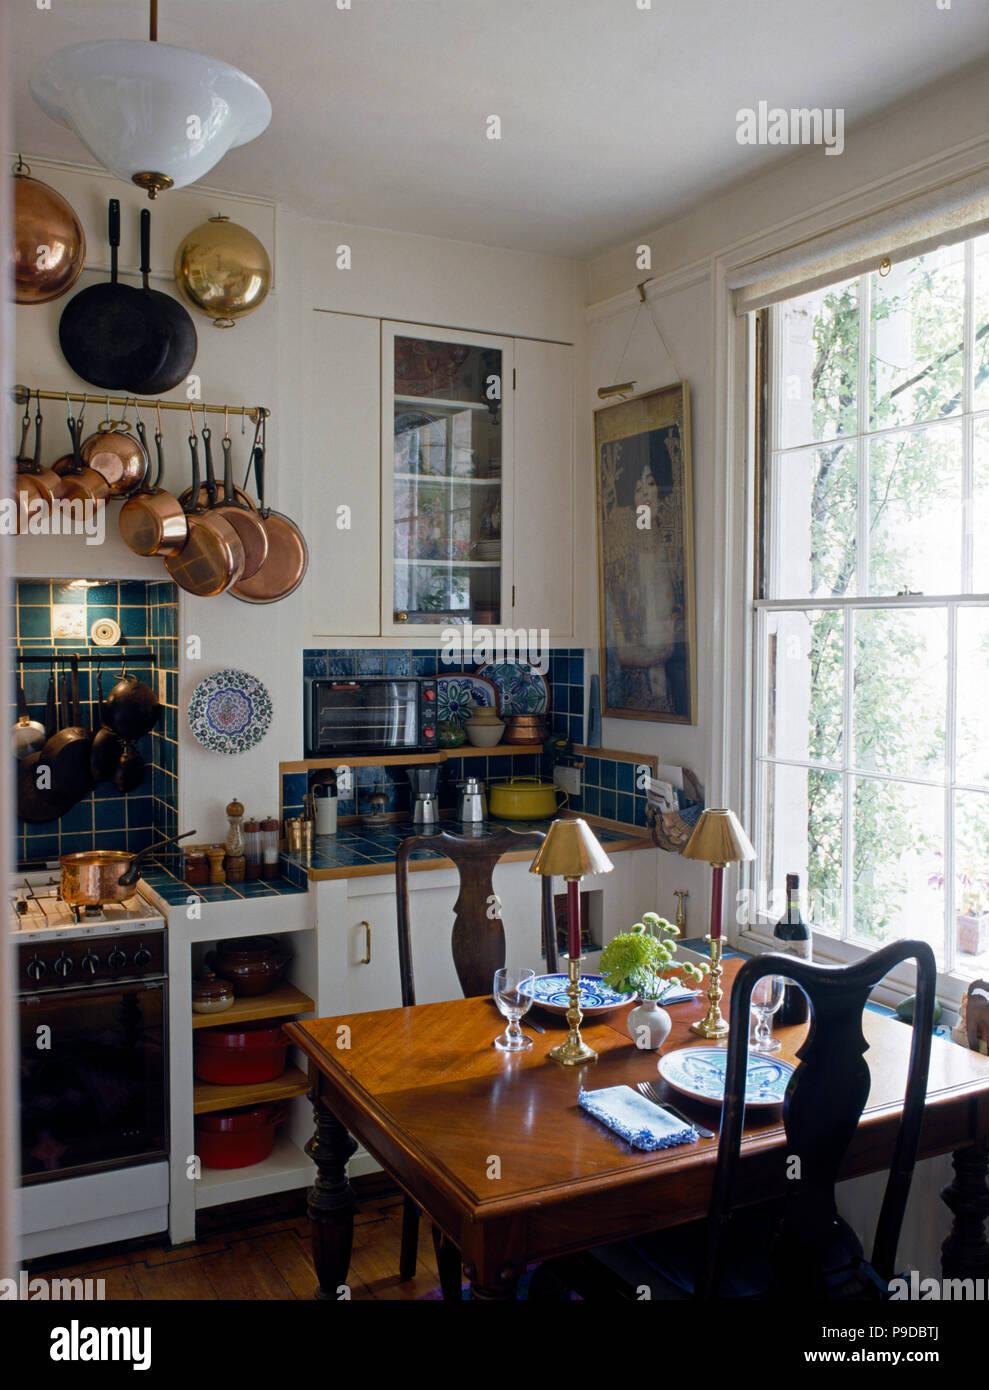 Kleiner Tisch für das Mittagessen in einem Stadthaus Küche ...